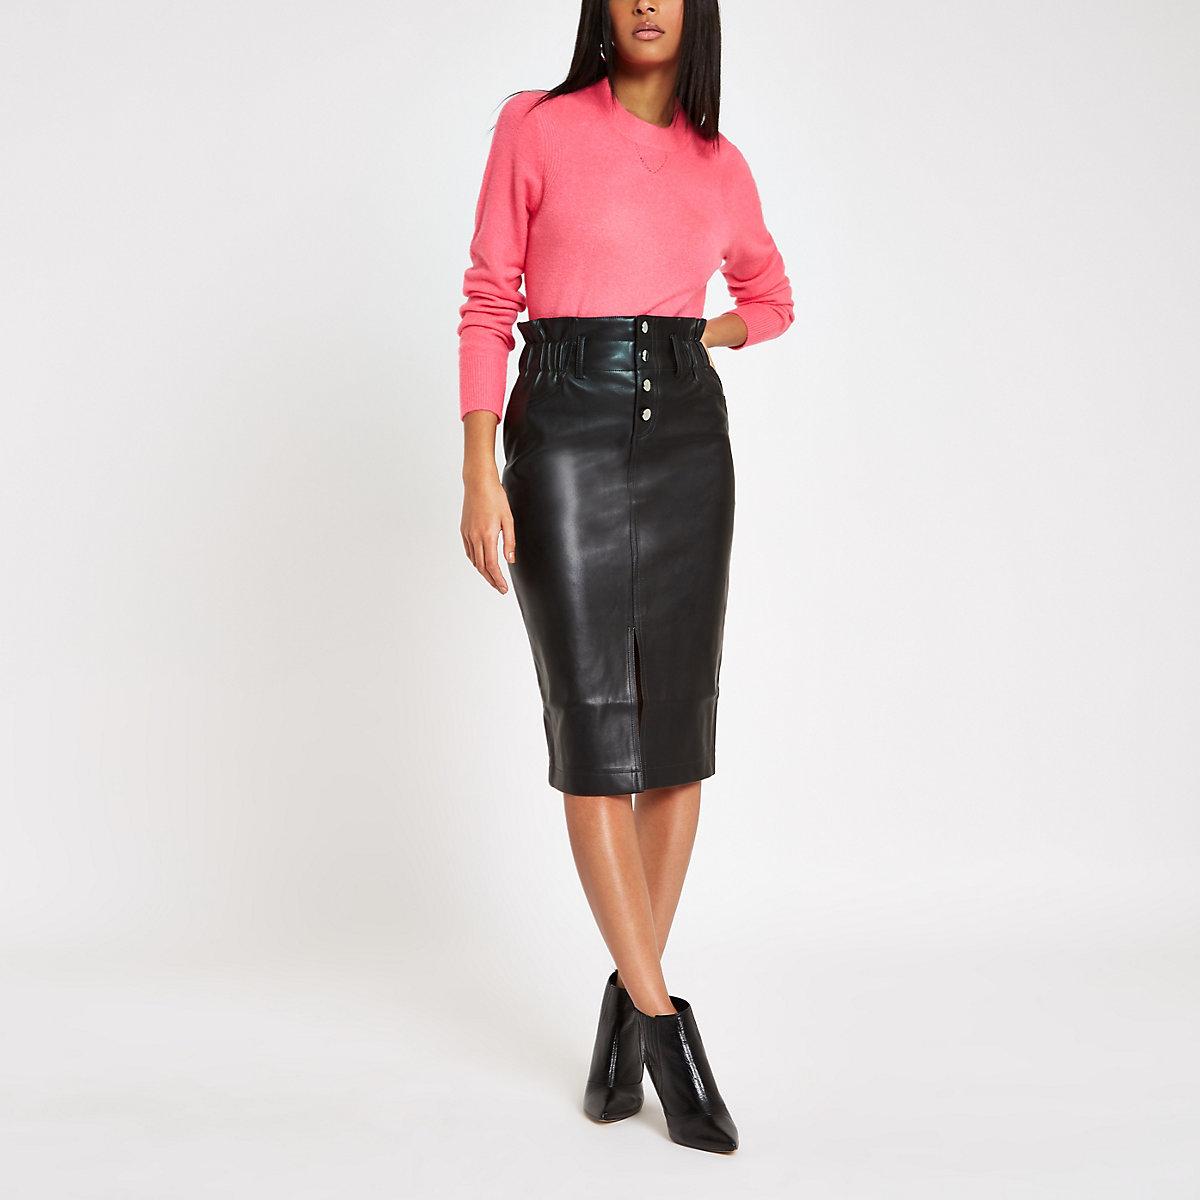 Black button front high waist pencil skirt